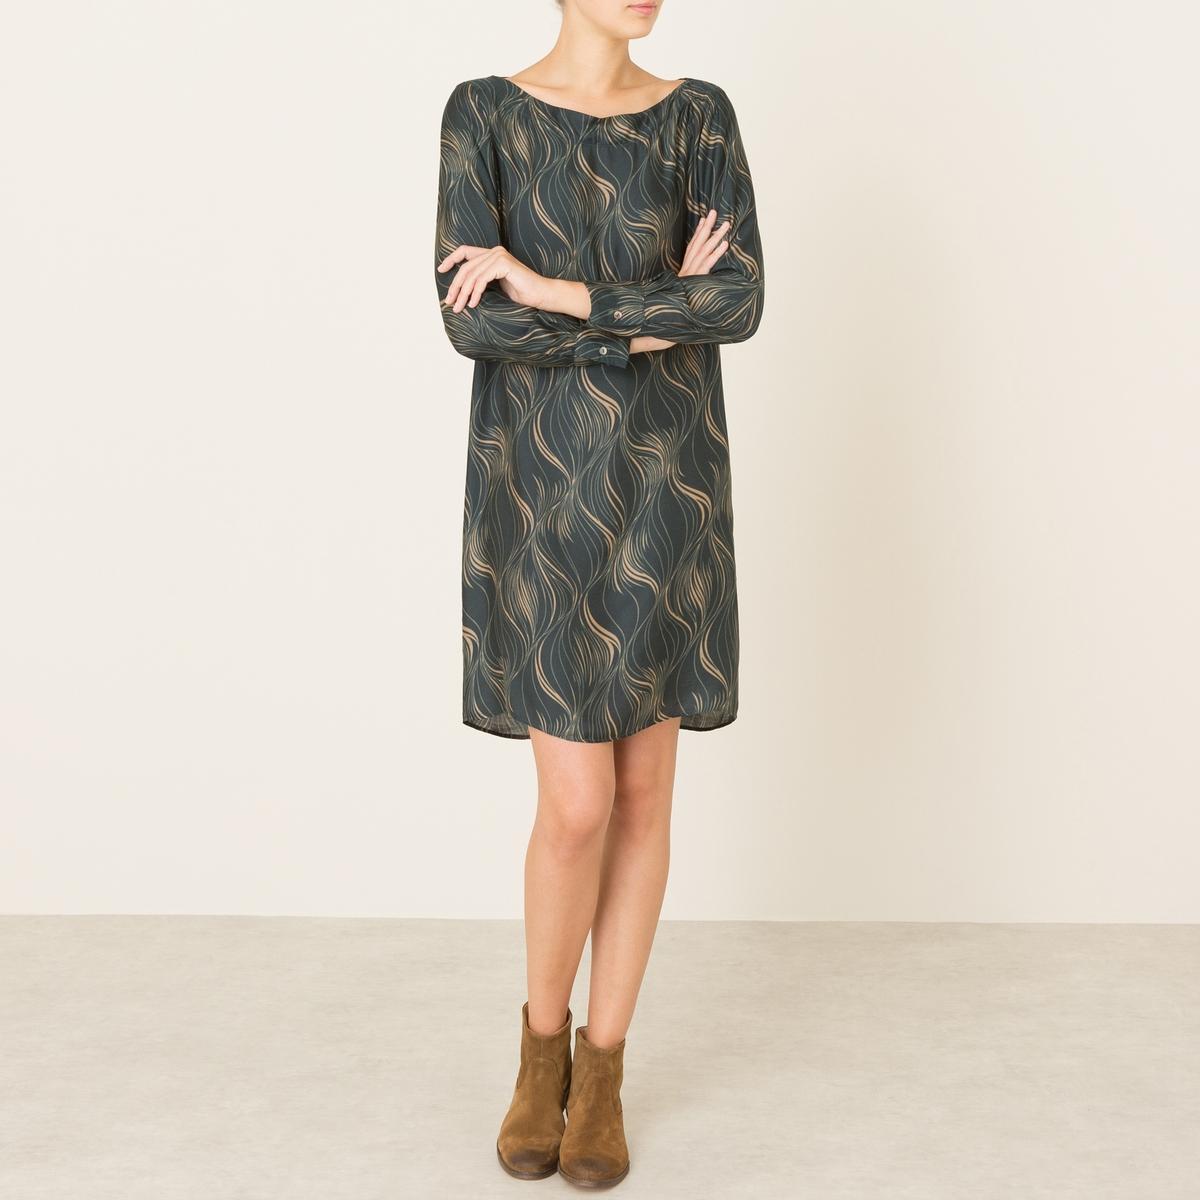 Платье MARTAПлатье DIEGA - модель MARTA. Платье-футляр со сплошным рисунком. Вырез-лодочка. Края рукавов с отворотами контрастного цвета. Состав и описание Материал : 80% вискозы, 20% шелкаМарка : DIEGA<br><br>Цвет: зеленый